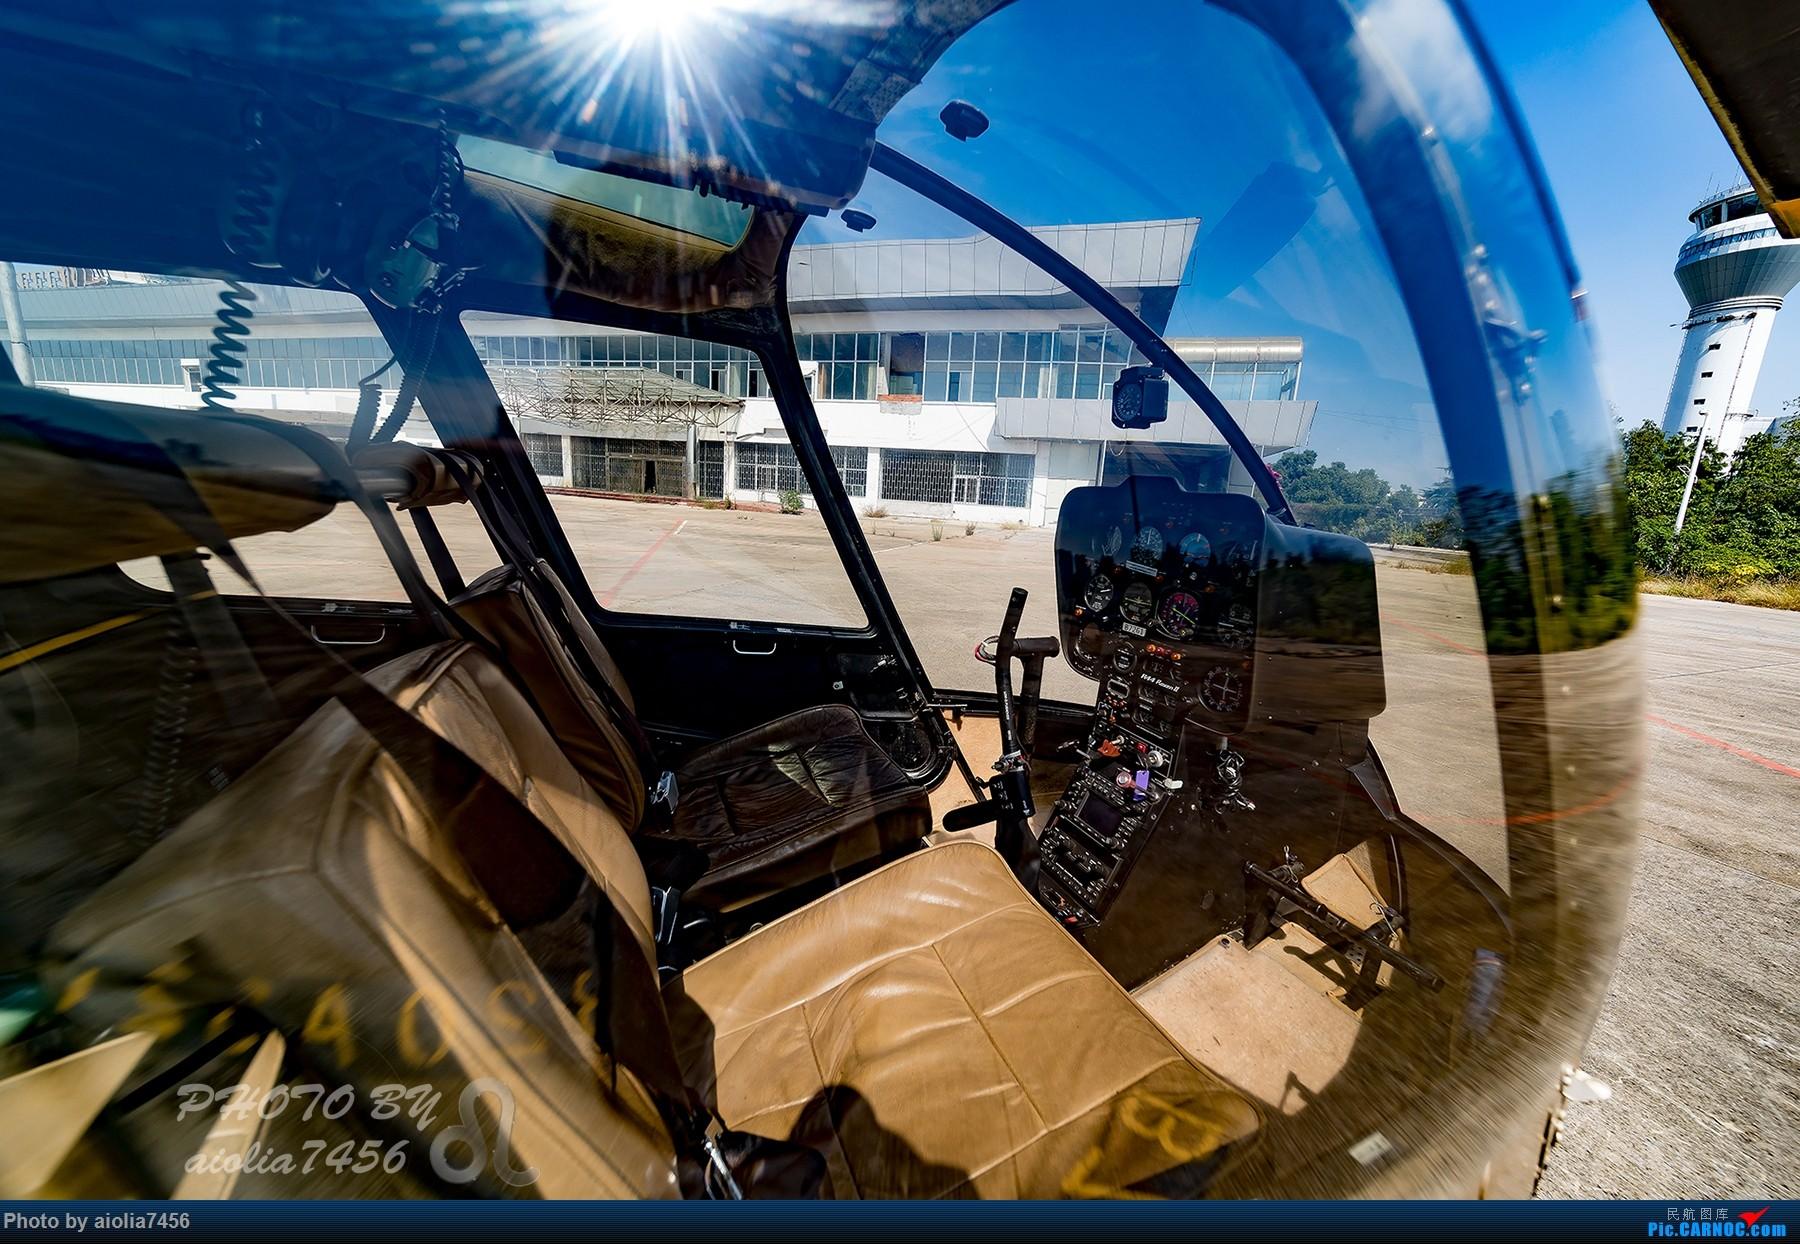 Re:[原创]【合肥飞友会】记述小确幸的霸都新桥,和记述着这些小确幸的霸都飞友 ROBINSON R44 II B-7261 中国合肥骆岗国际机场